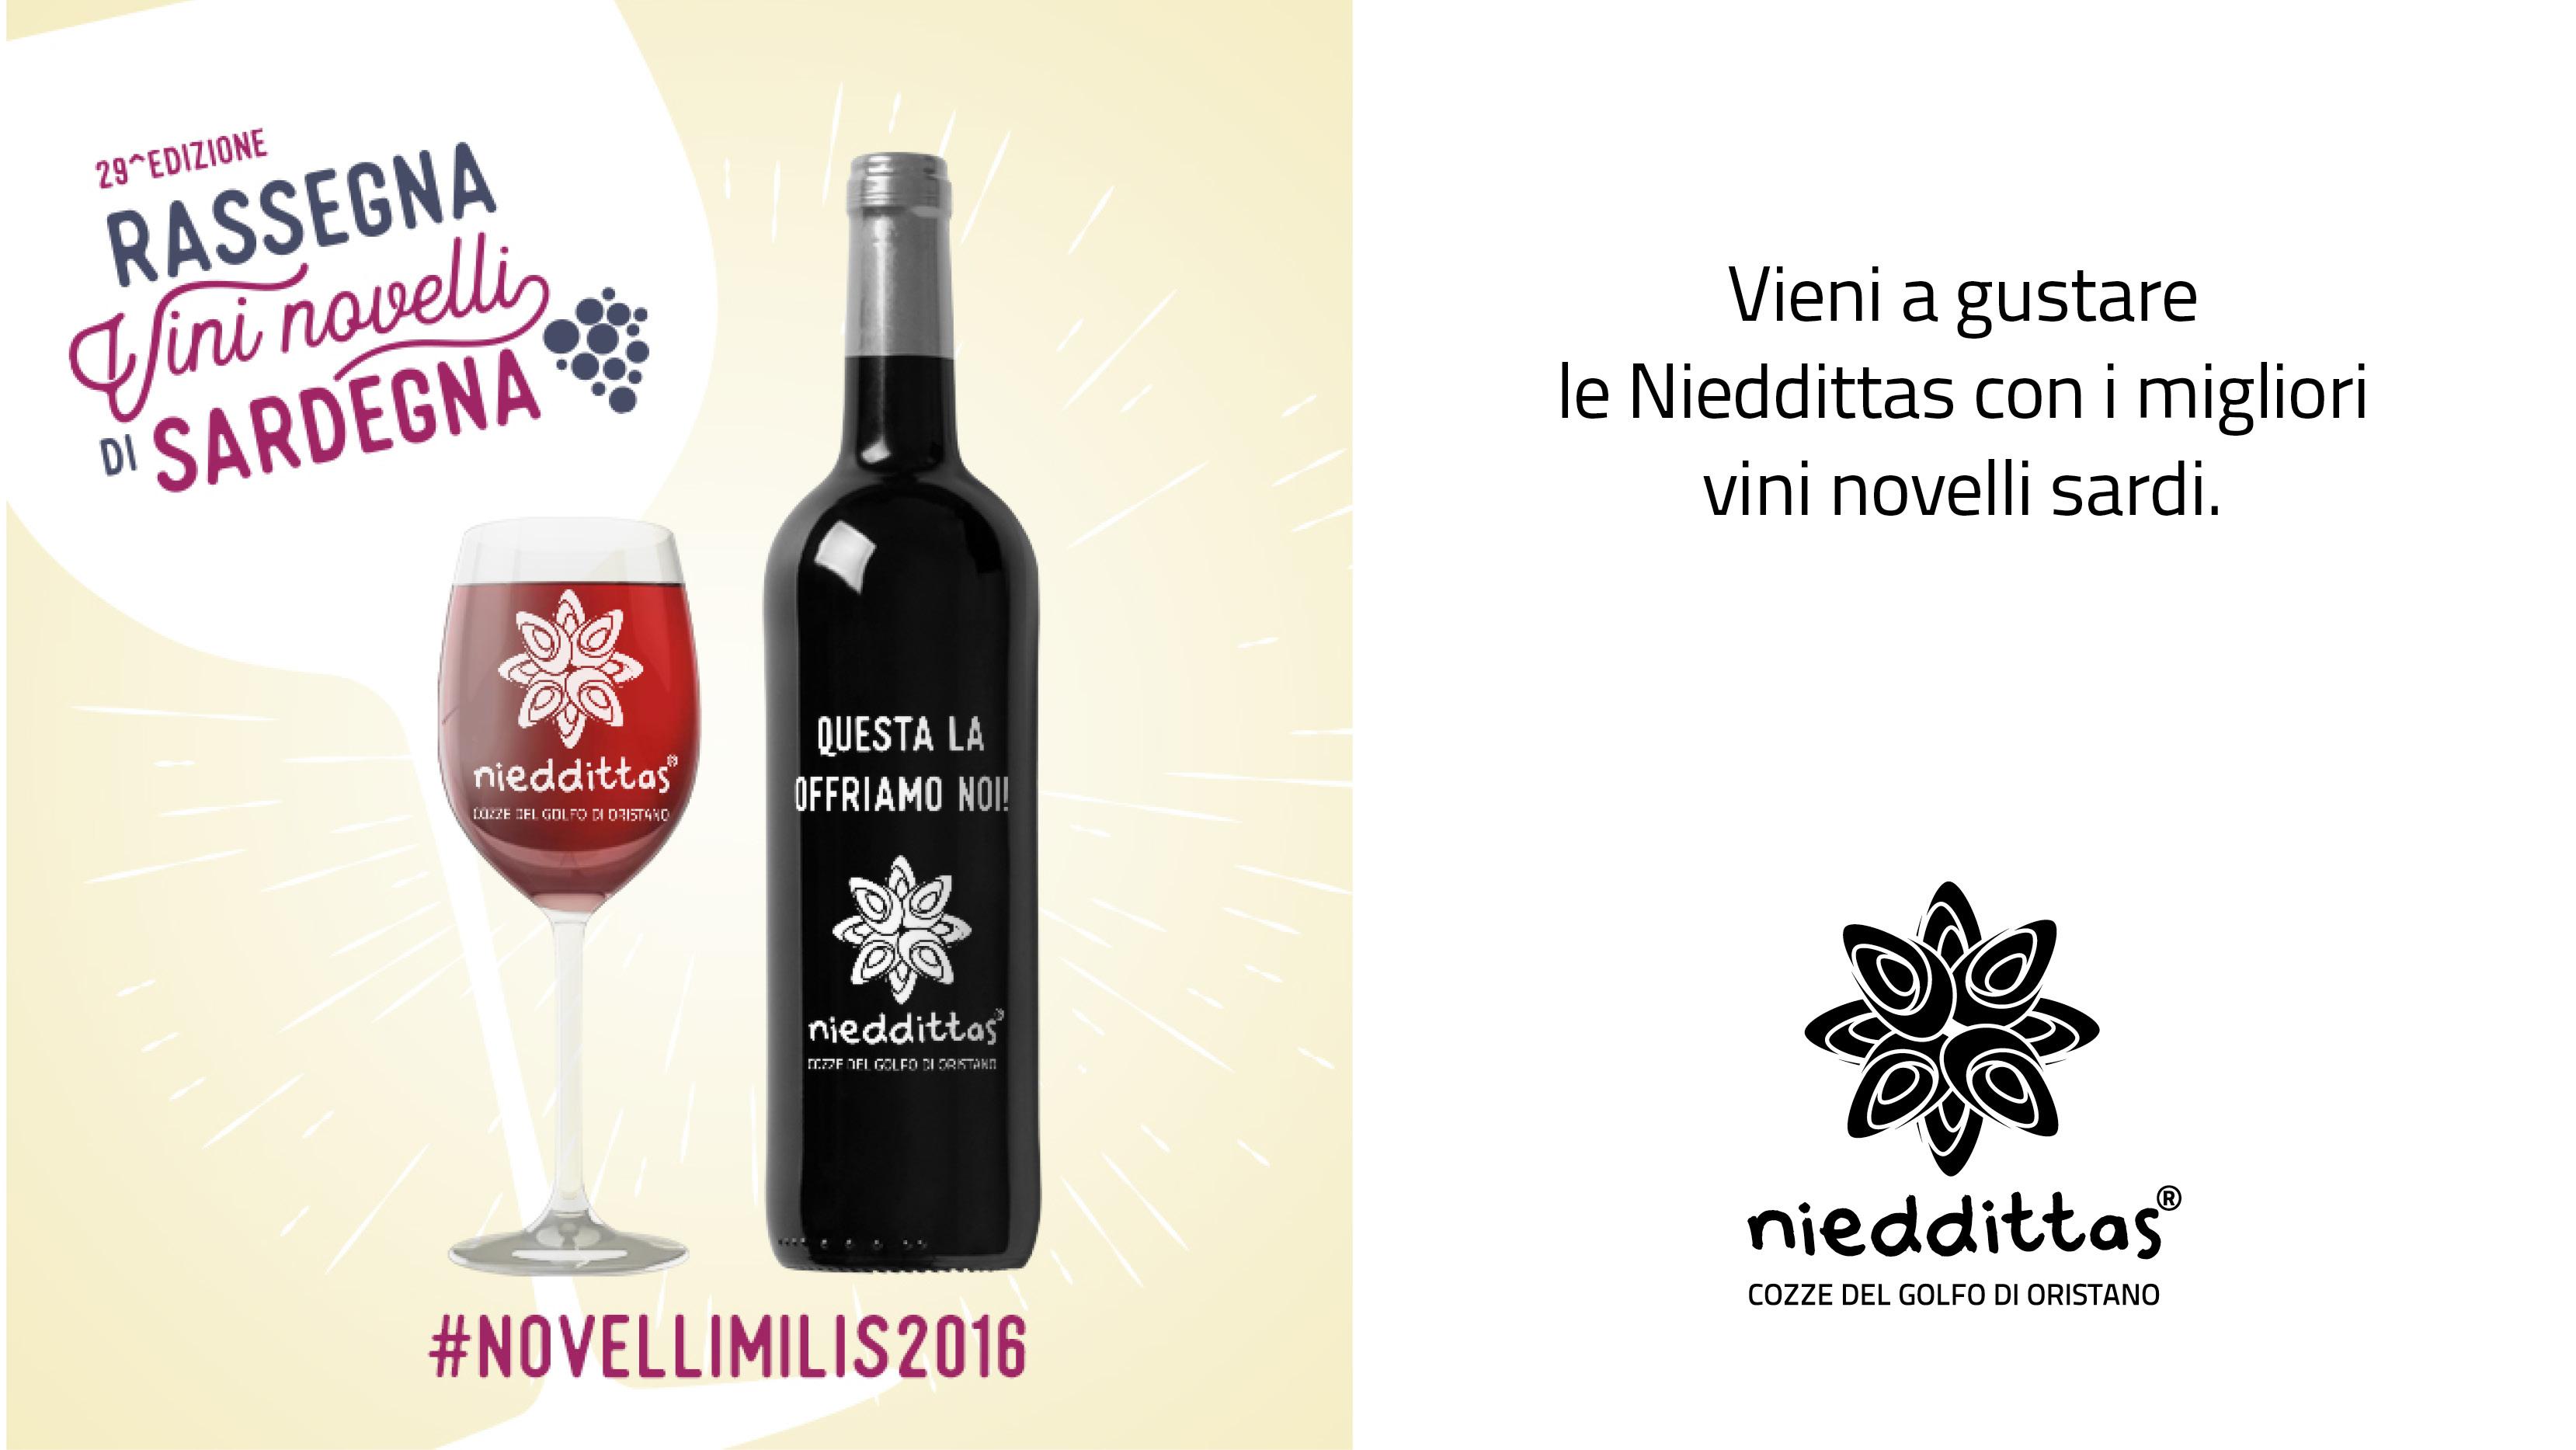 Nieddittas sponsor della Rassegna Vini novelli di Sardegna.